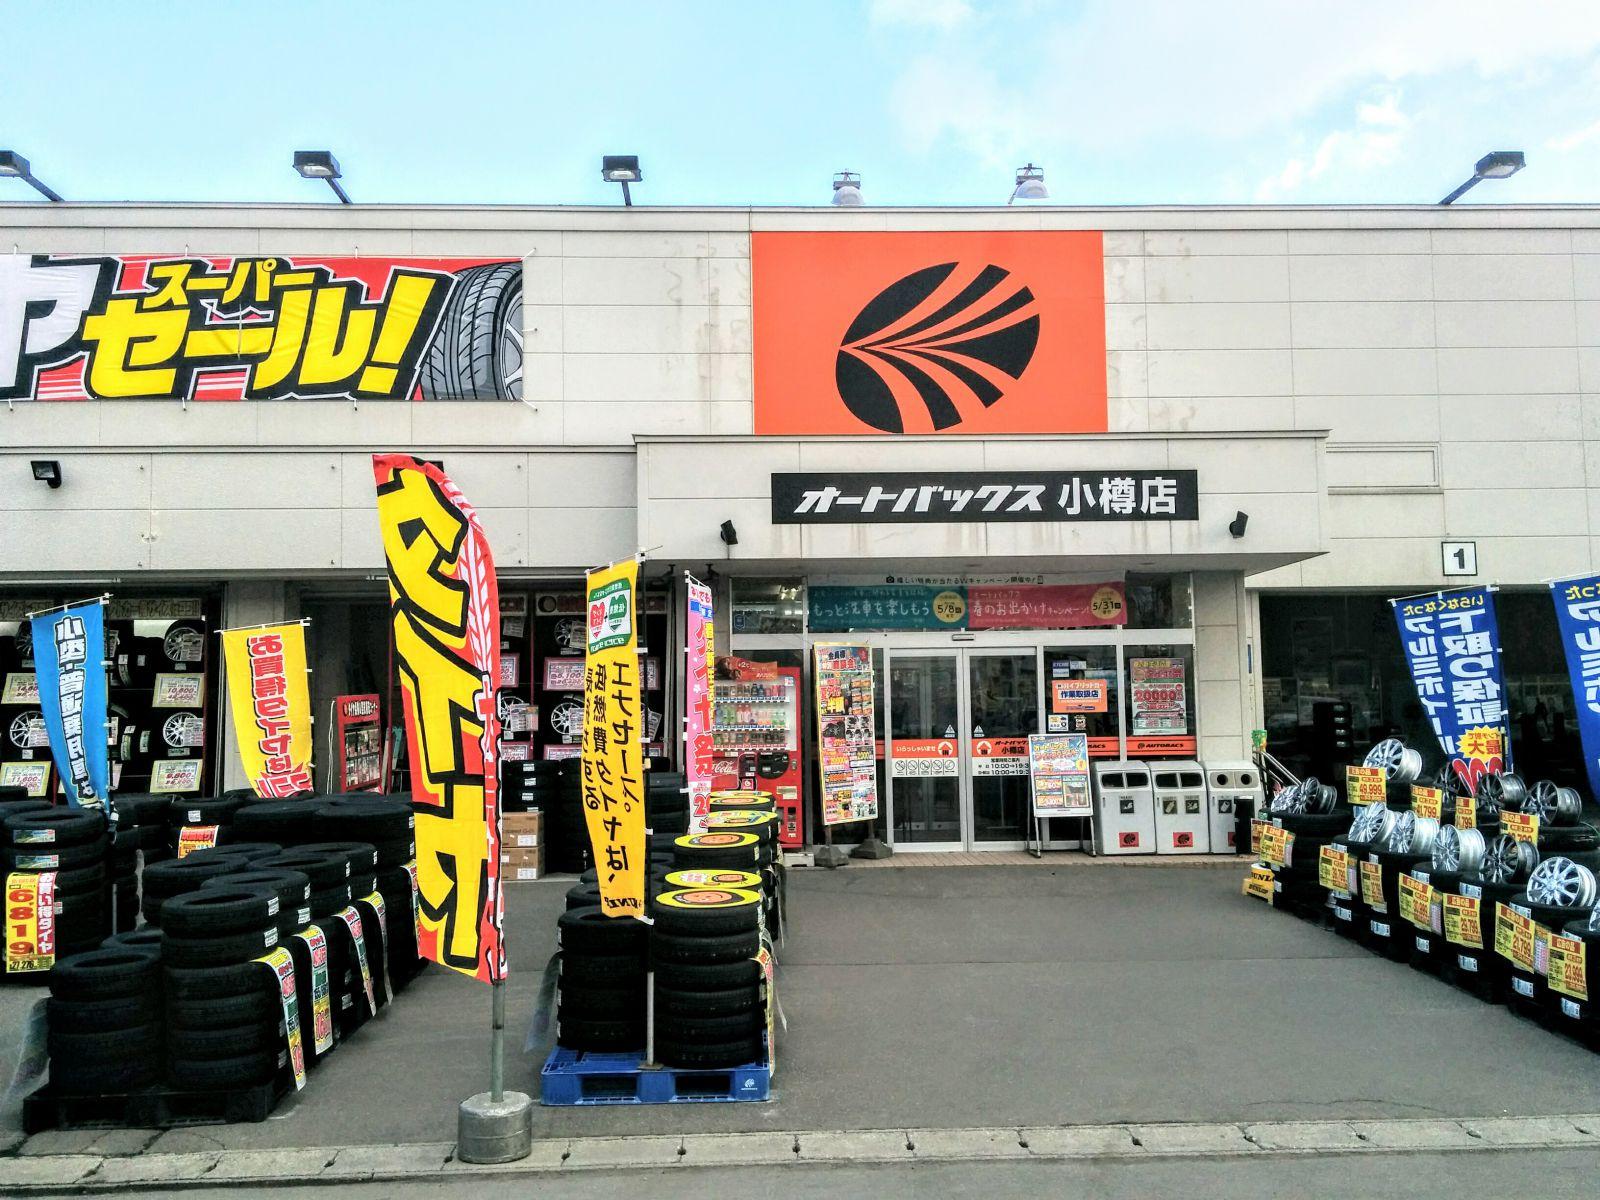 【小樽】すき家でランチとオートバックスで車検の予約です。